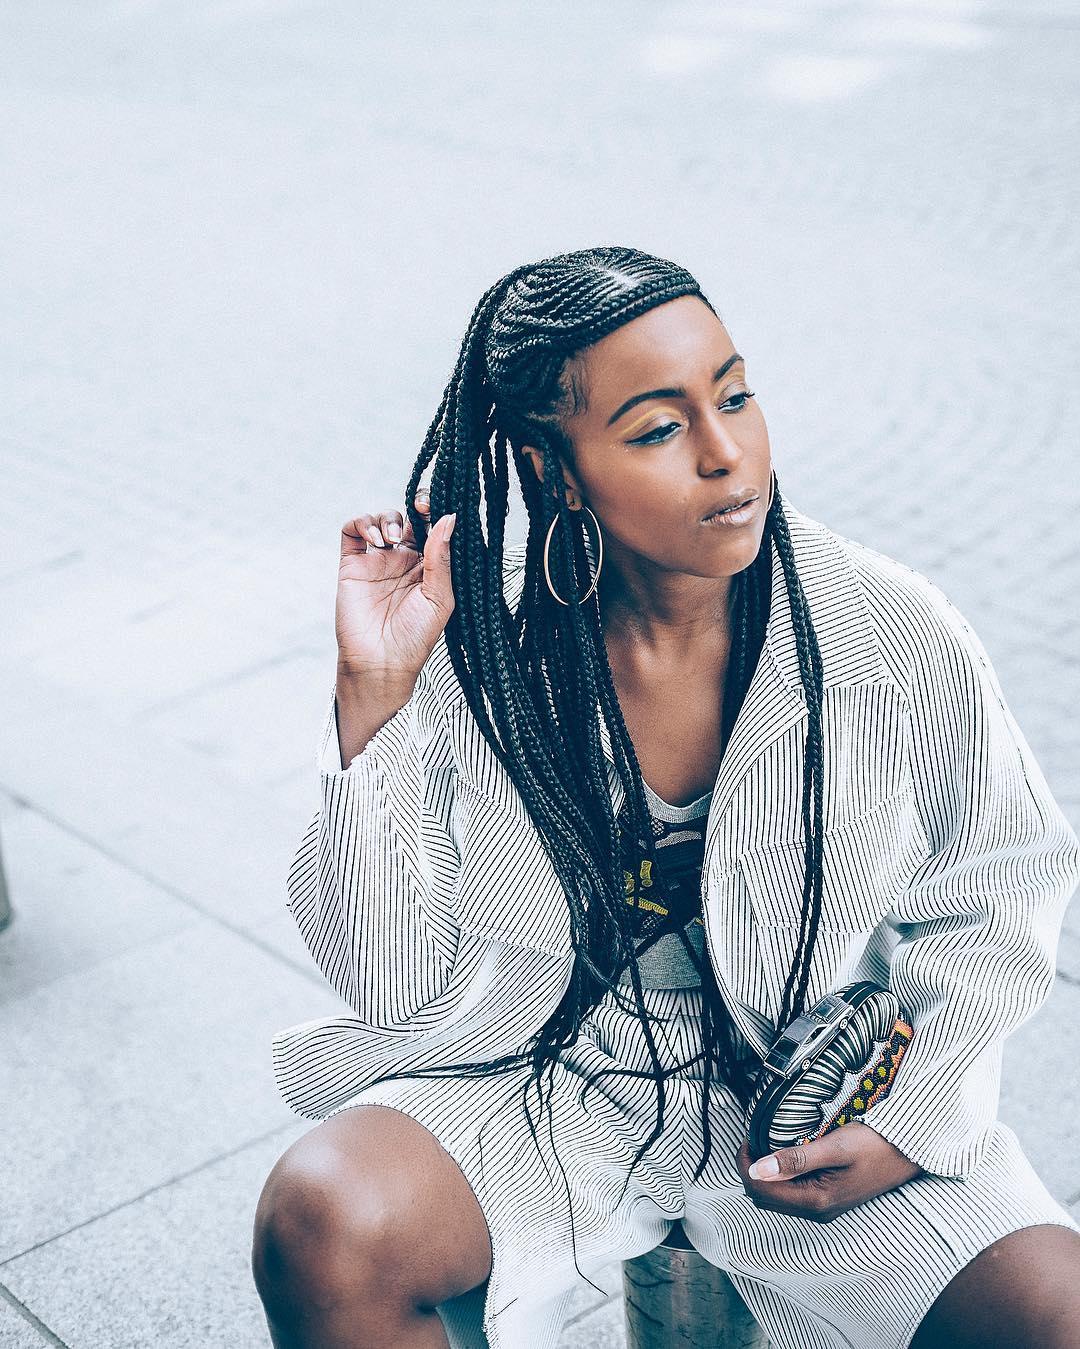 Tranças afros look moderno